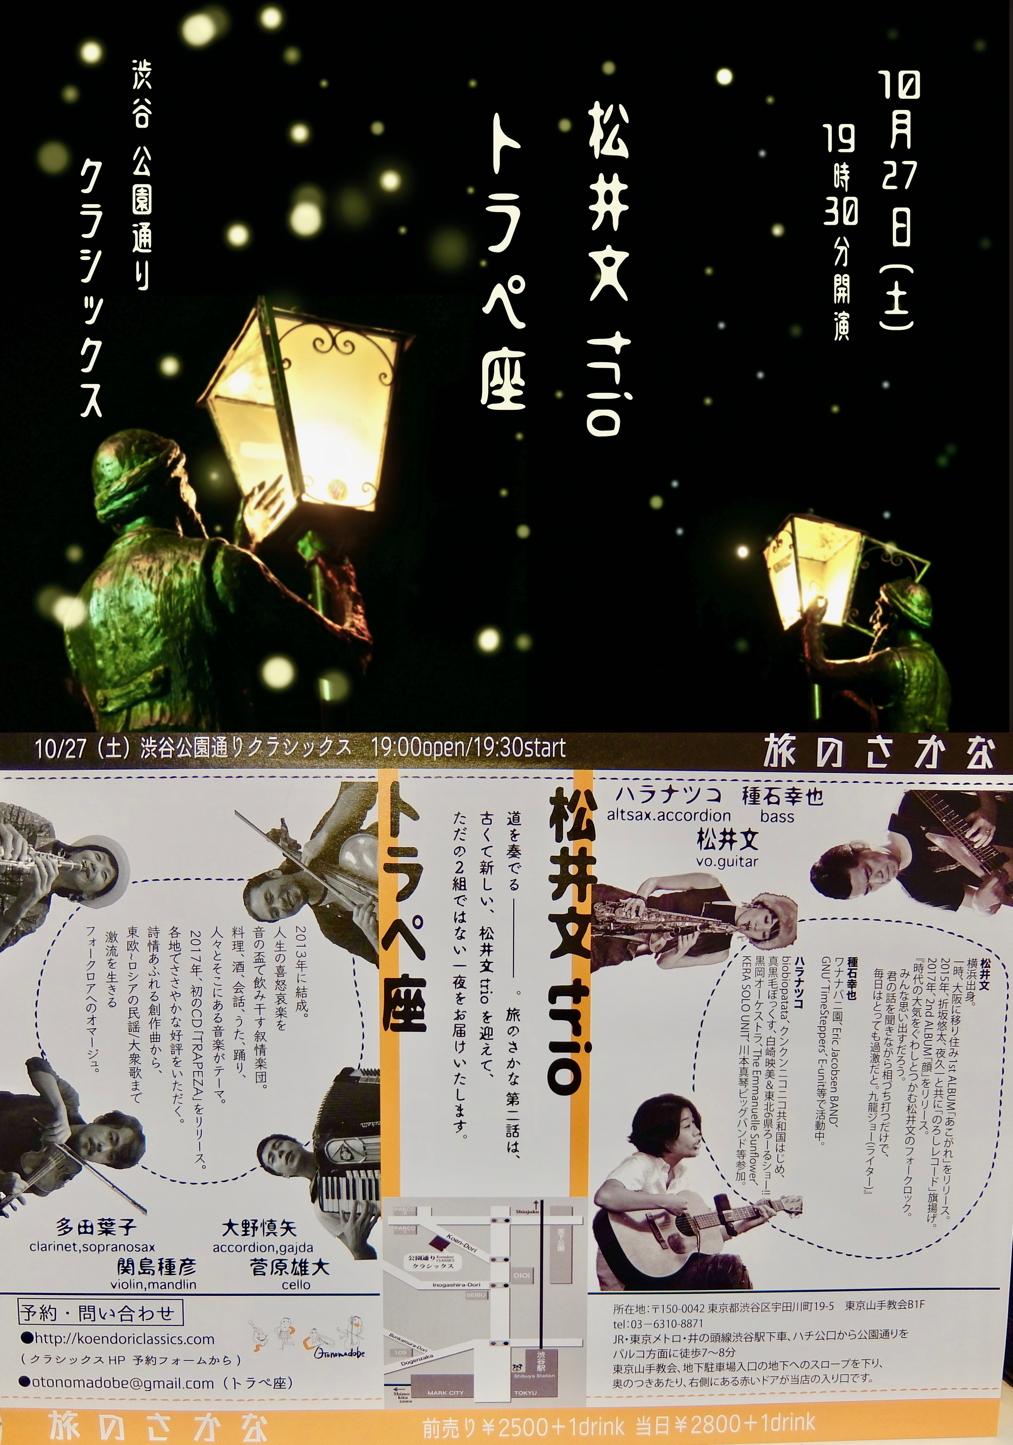 【トラペ座presents  〜旅のさかな〜 】